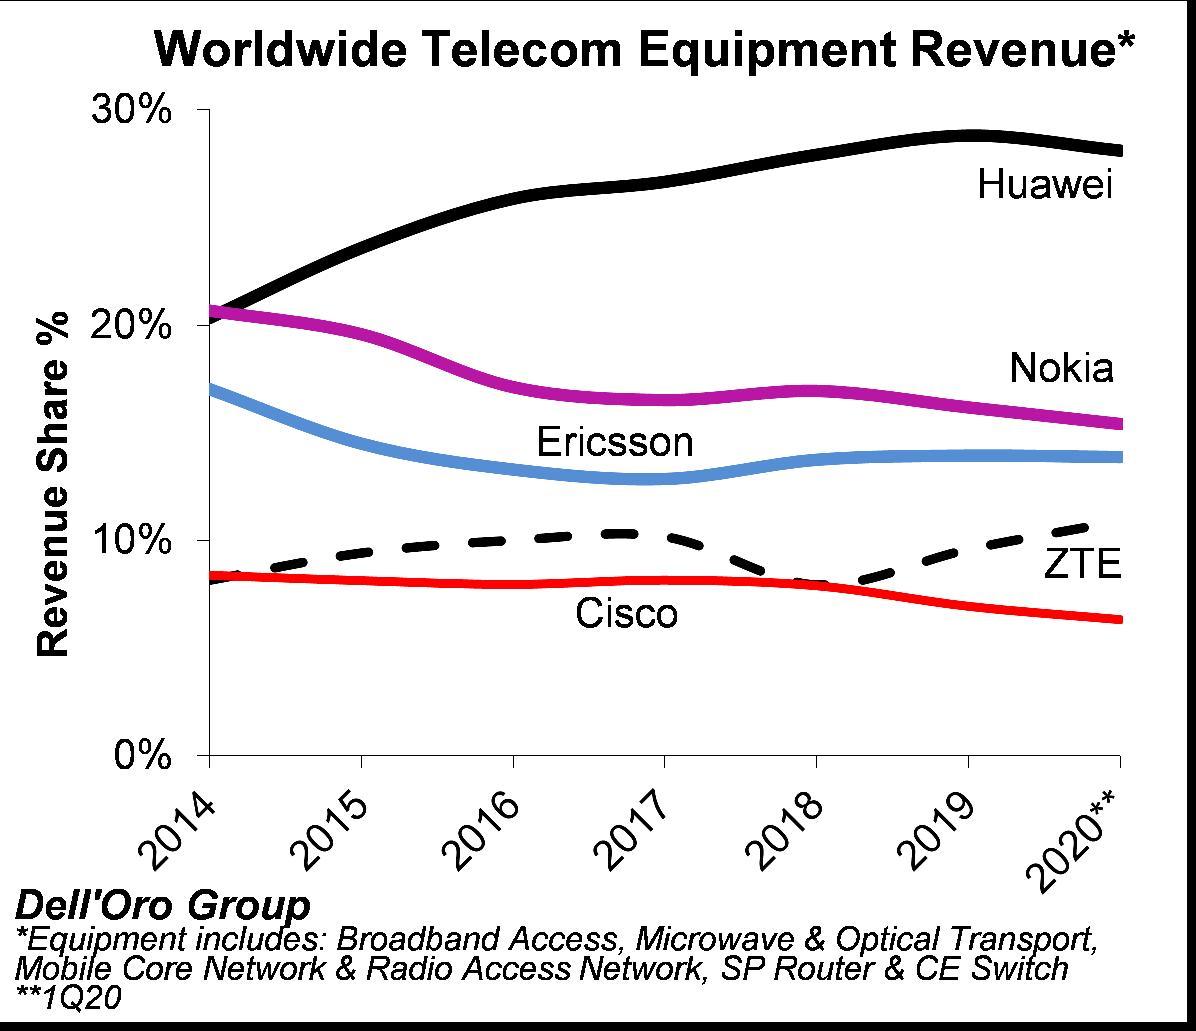 2020一季度全球电信设备排名:华为稳居第一中兴逆势增长